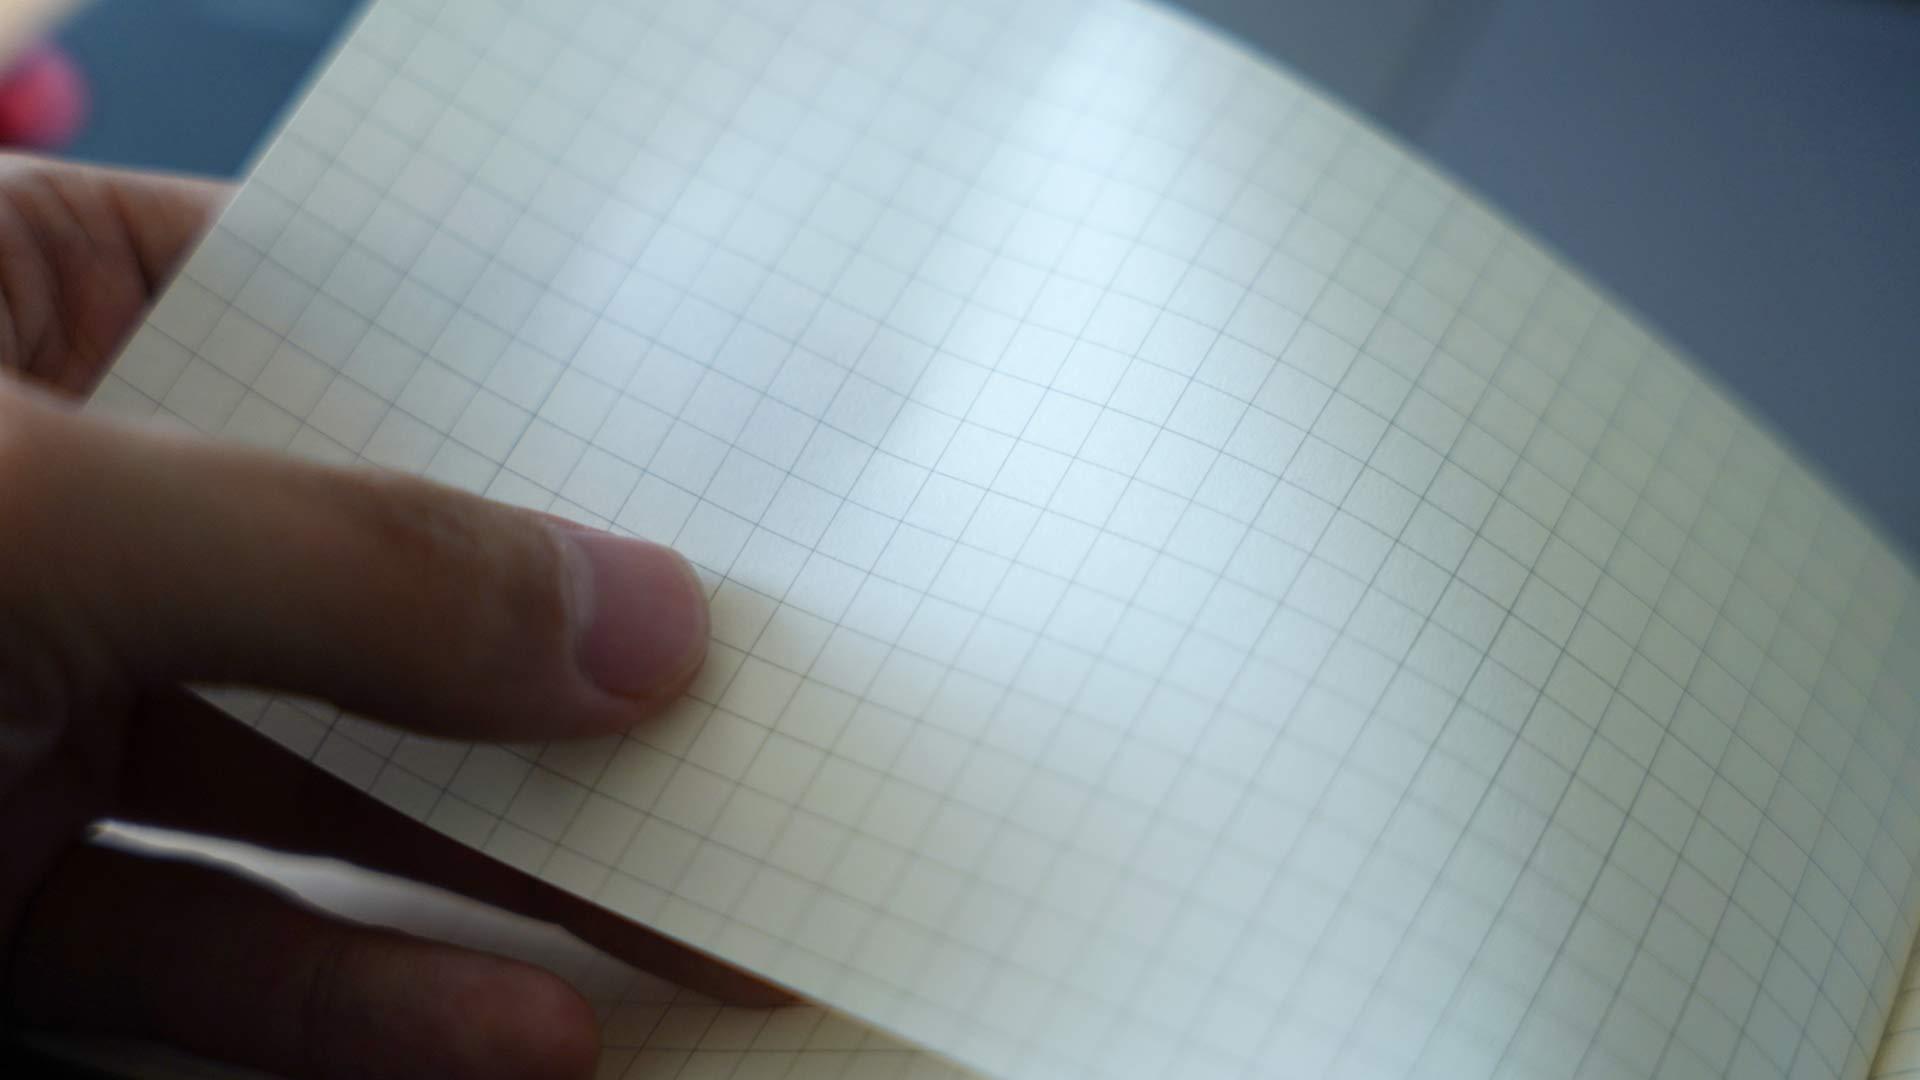 ノート,テレワーク,会議,grid,グリッド,PC用ノート,横型,書きやすい